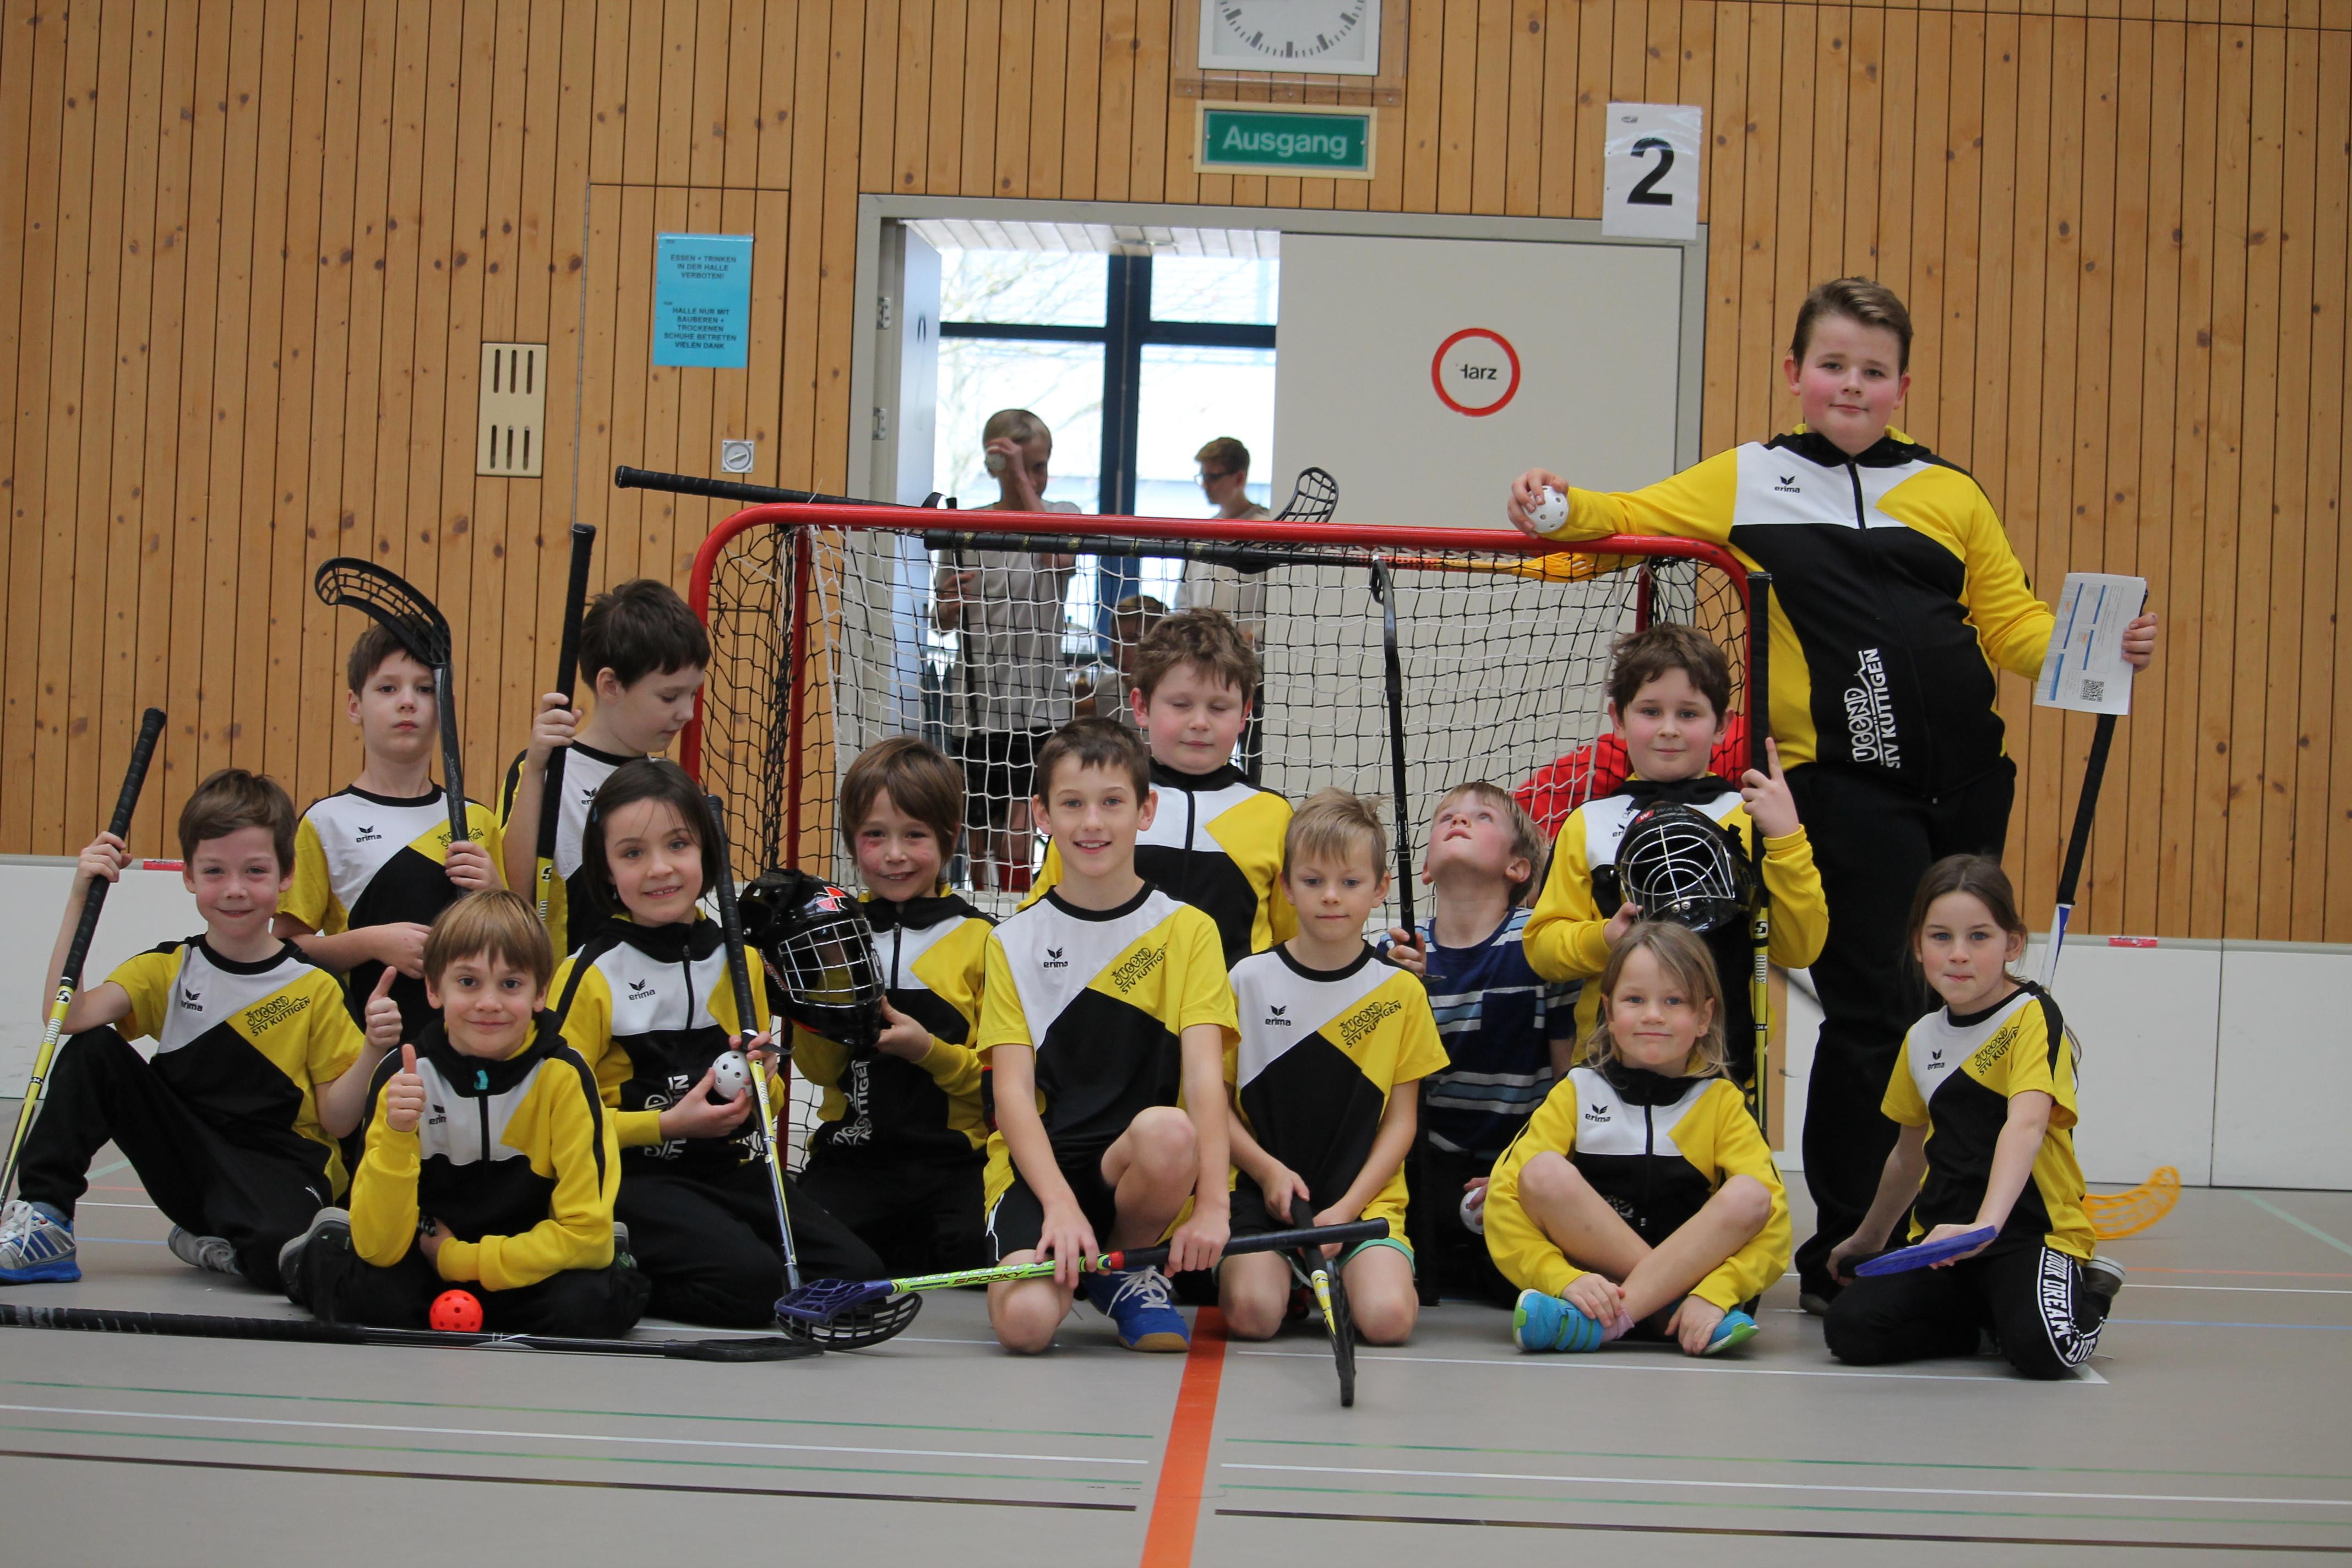 Unihockeyturnier Erlinsbach 2019